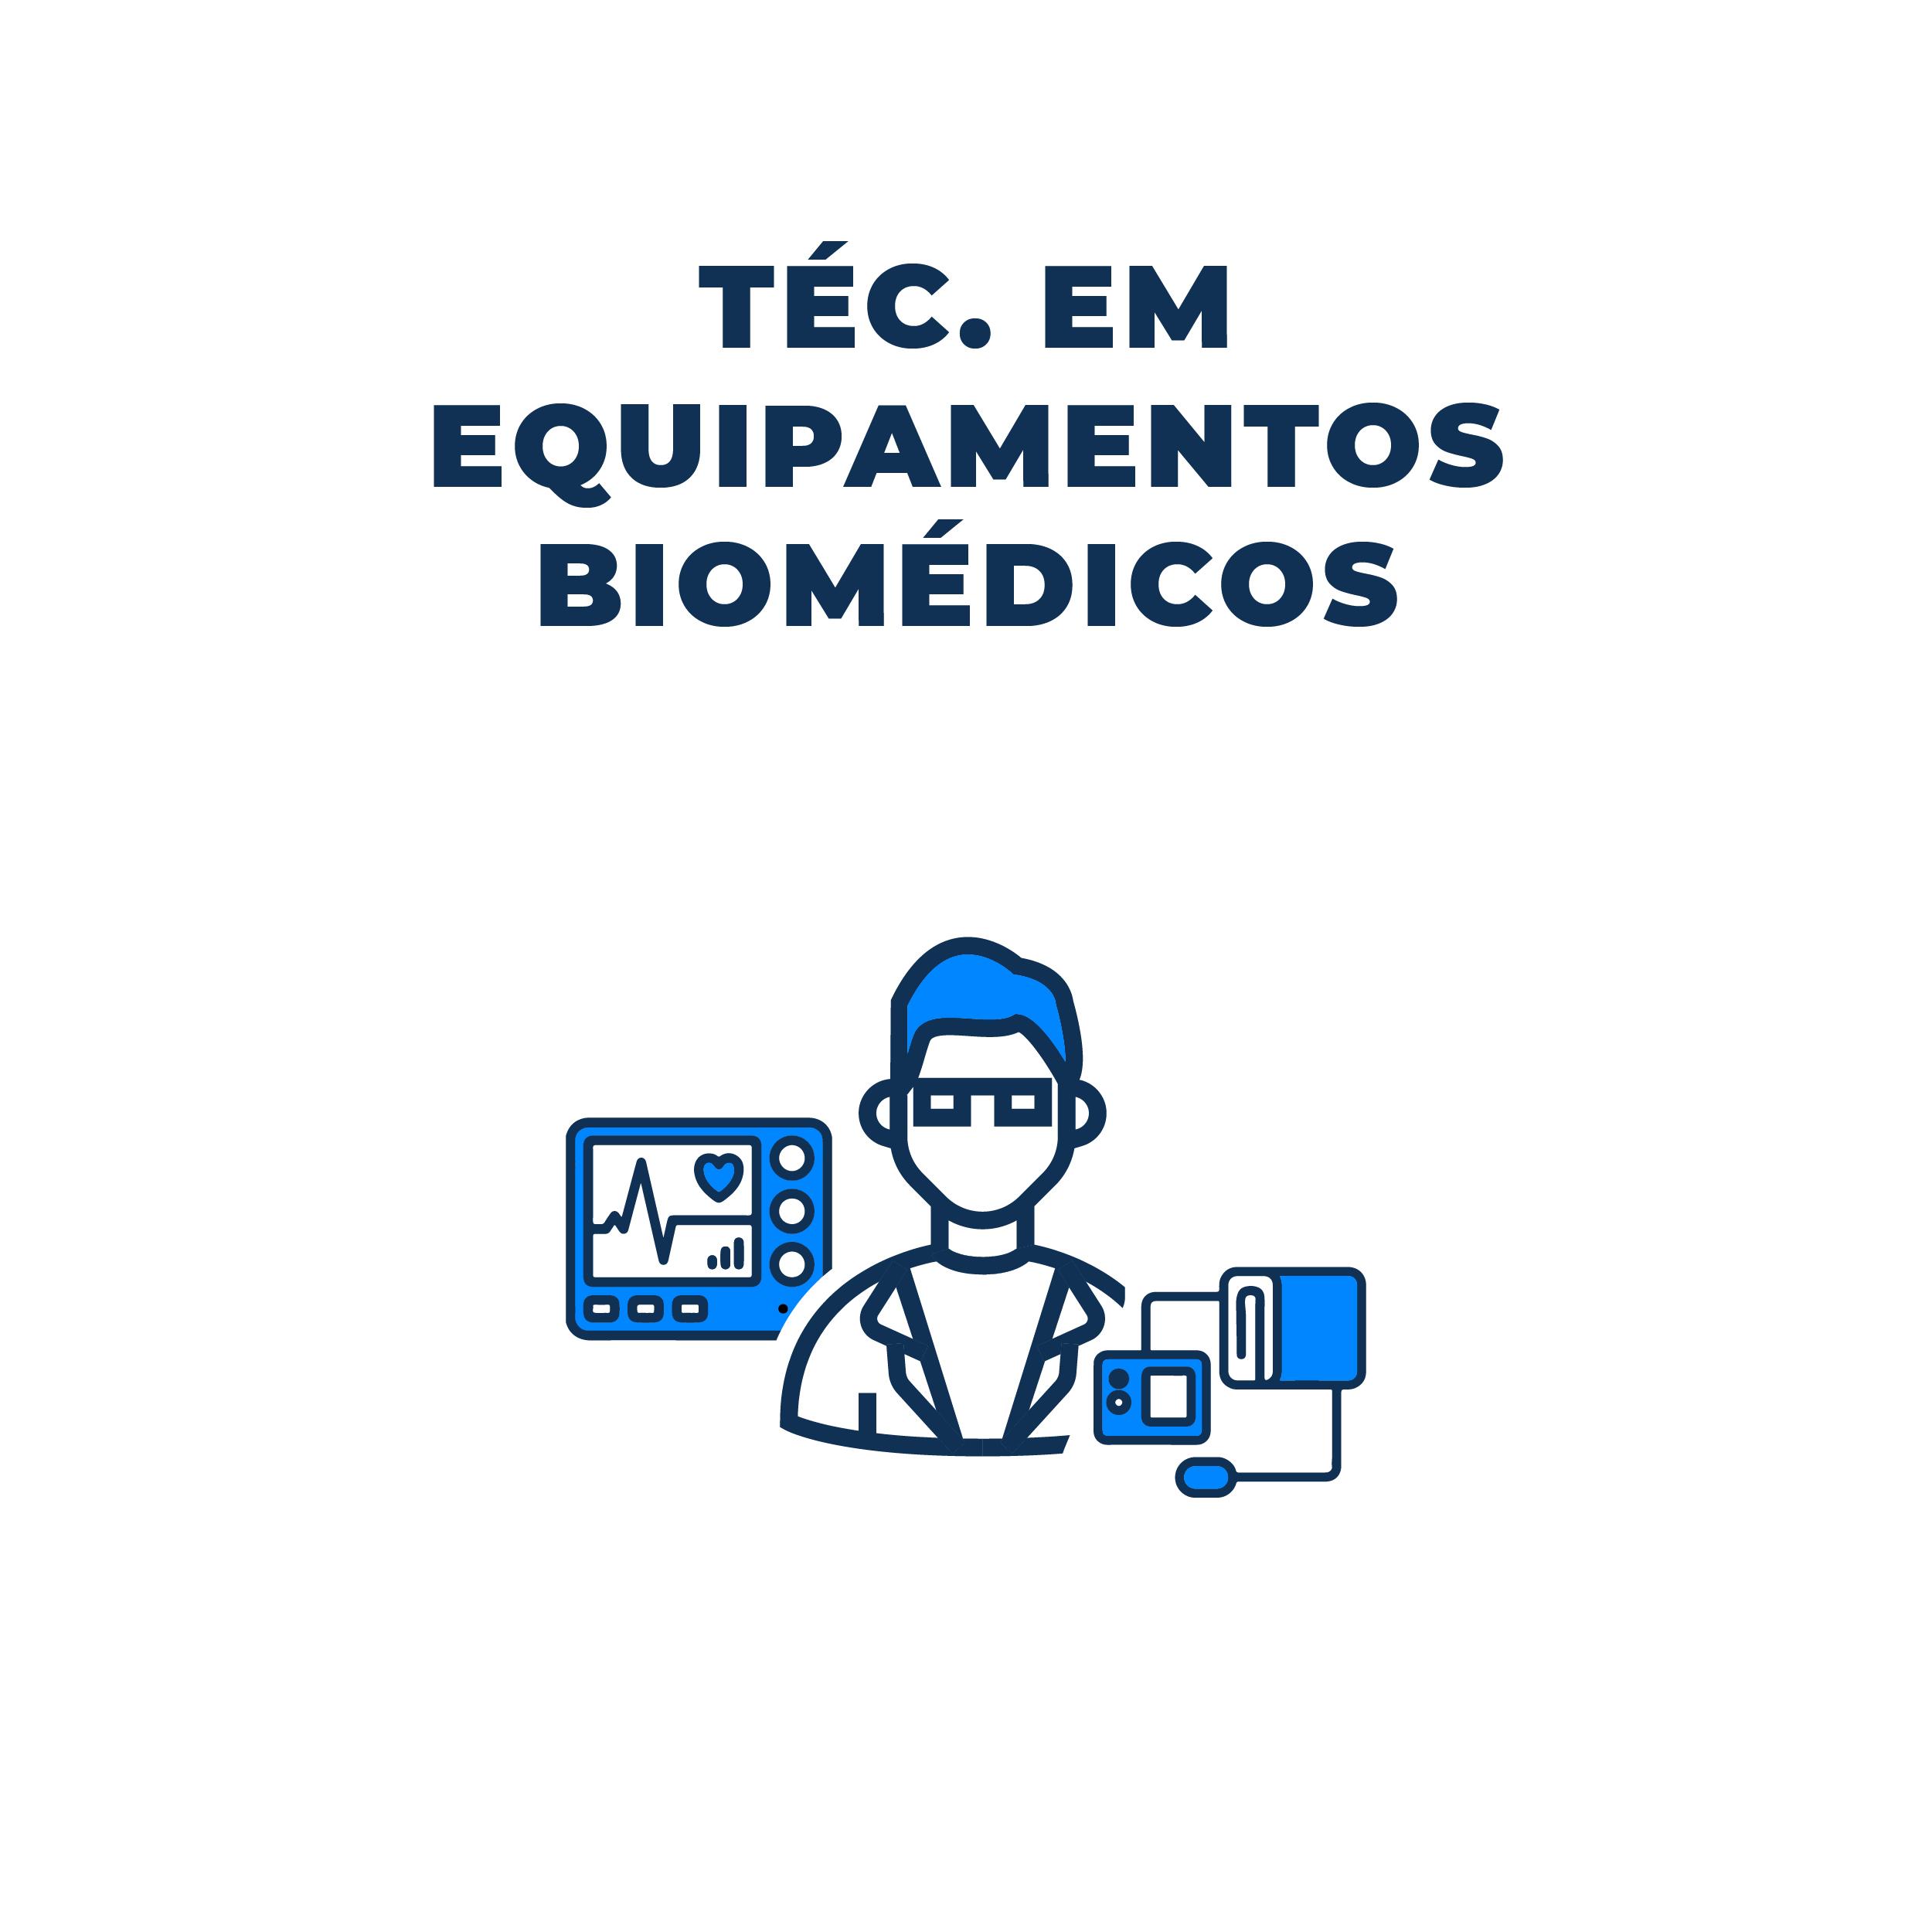 equipamentos biomedicos